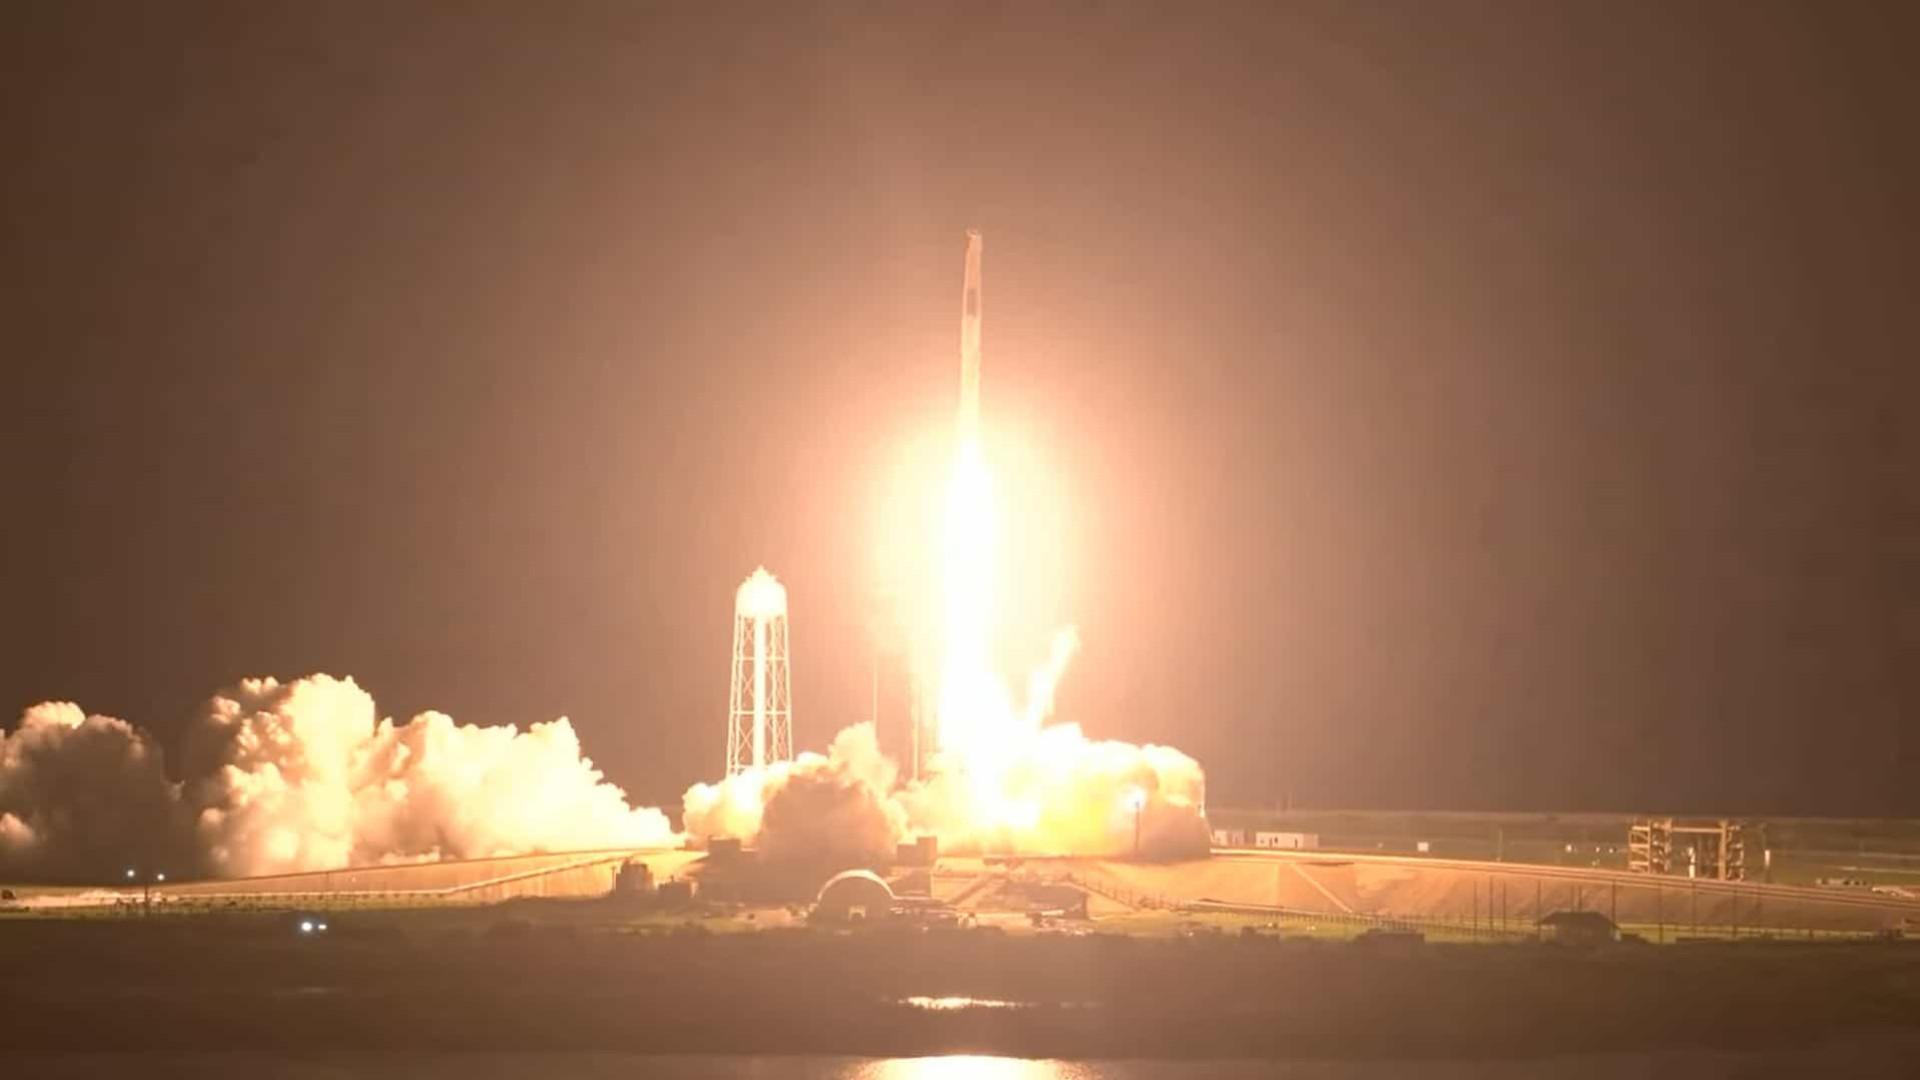 Astronautas a caminho da Estação Espacial. SpaceX realiza nova decolagem